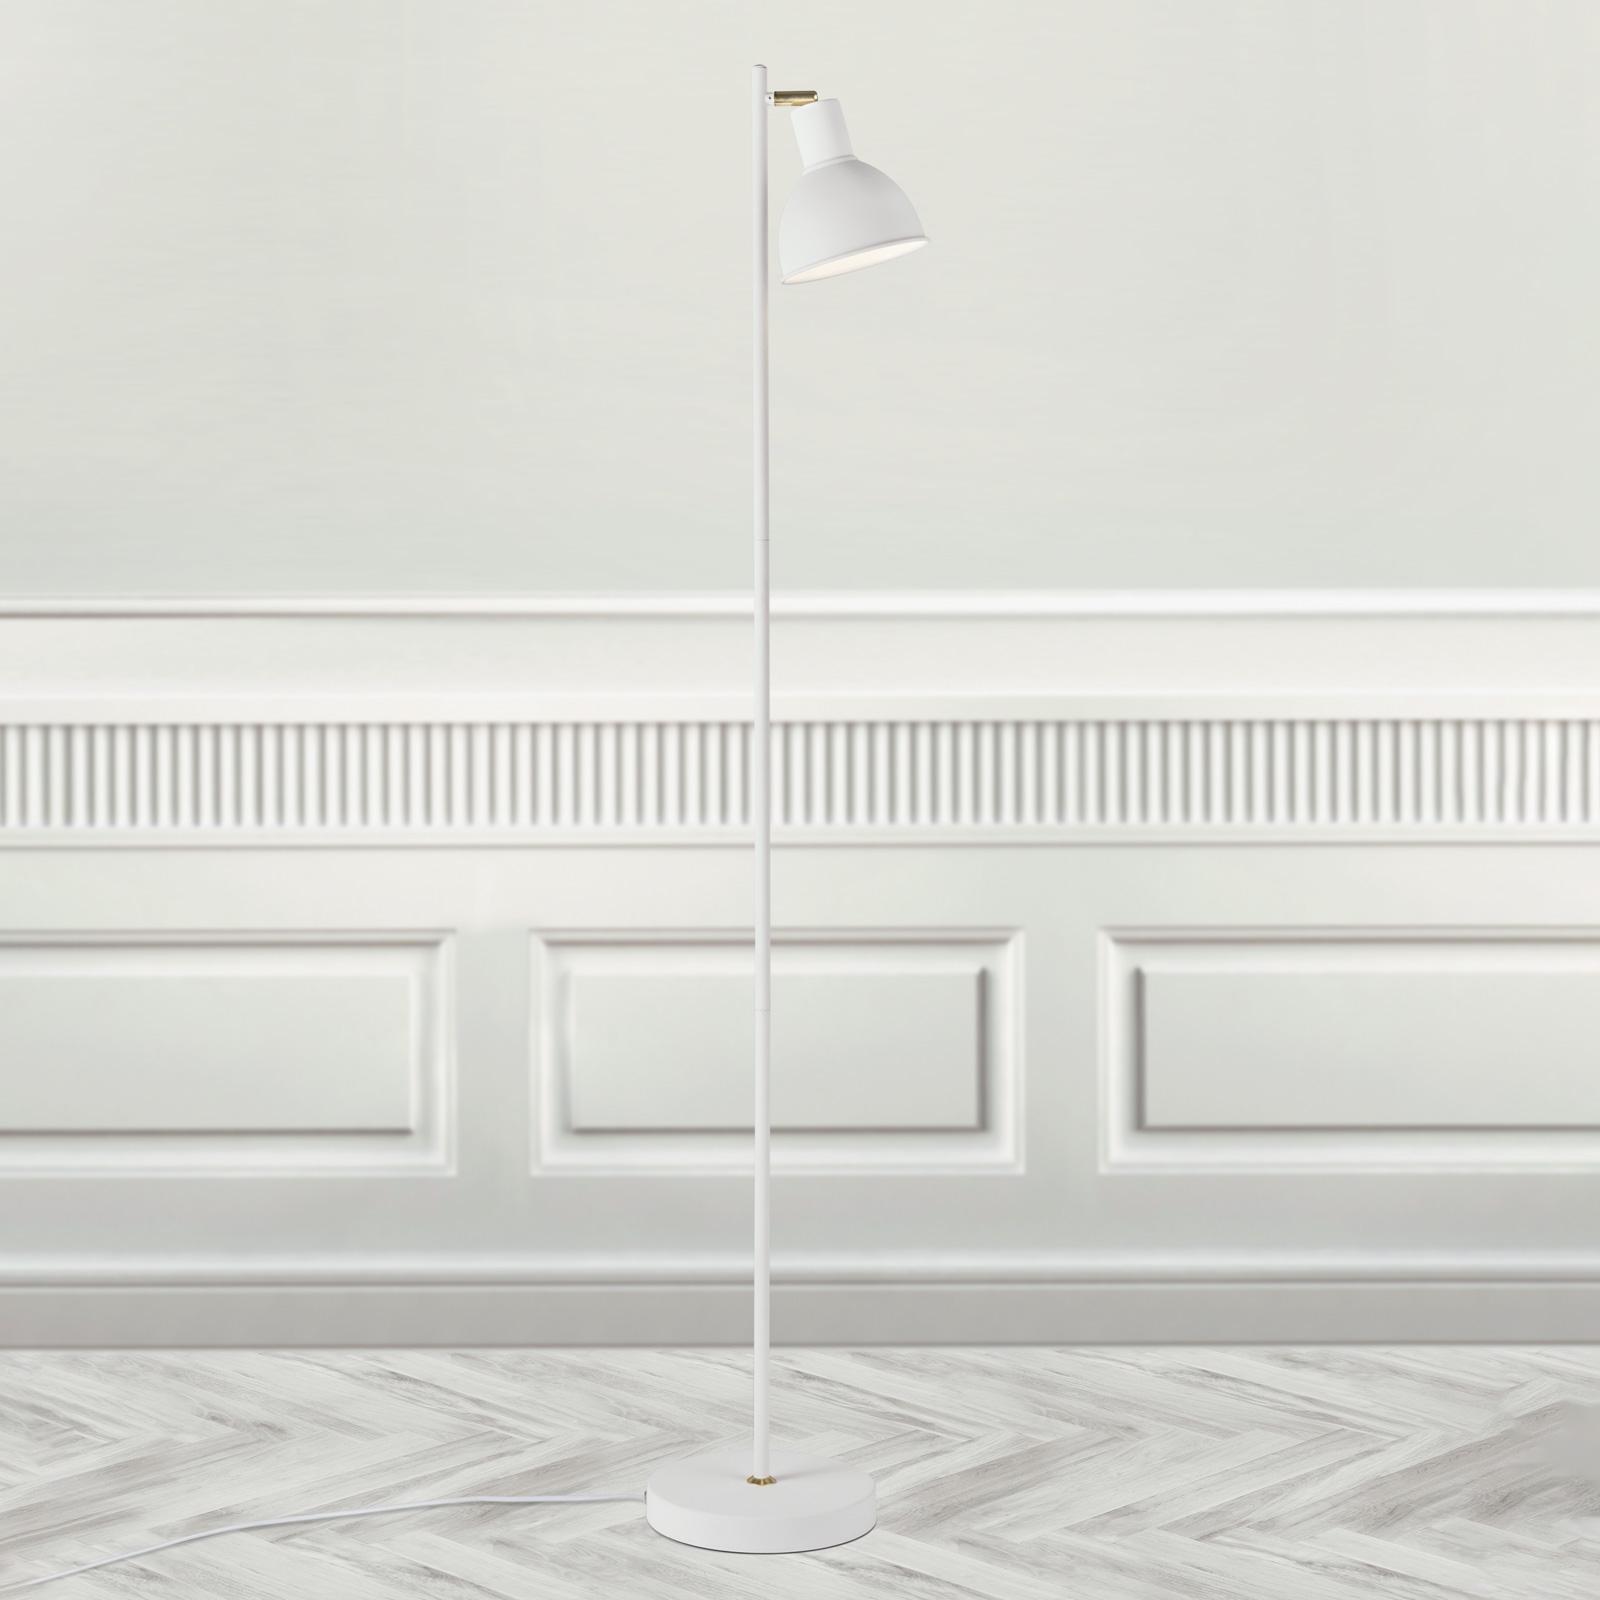 Acquista Lampada da terra Pop di design agile